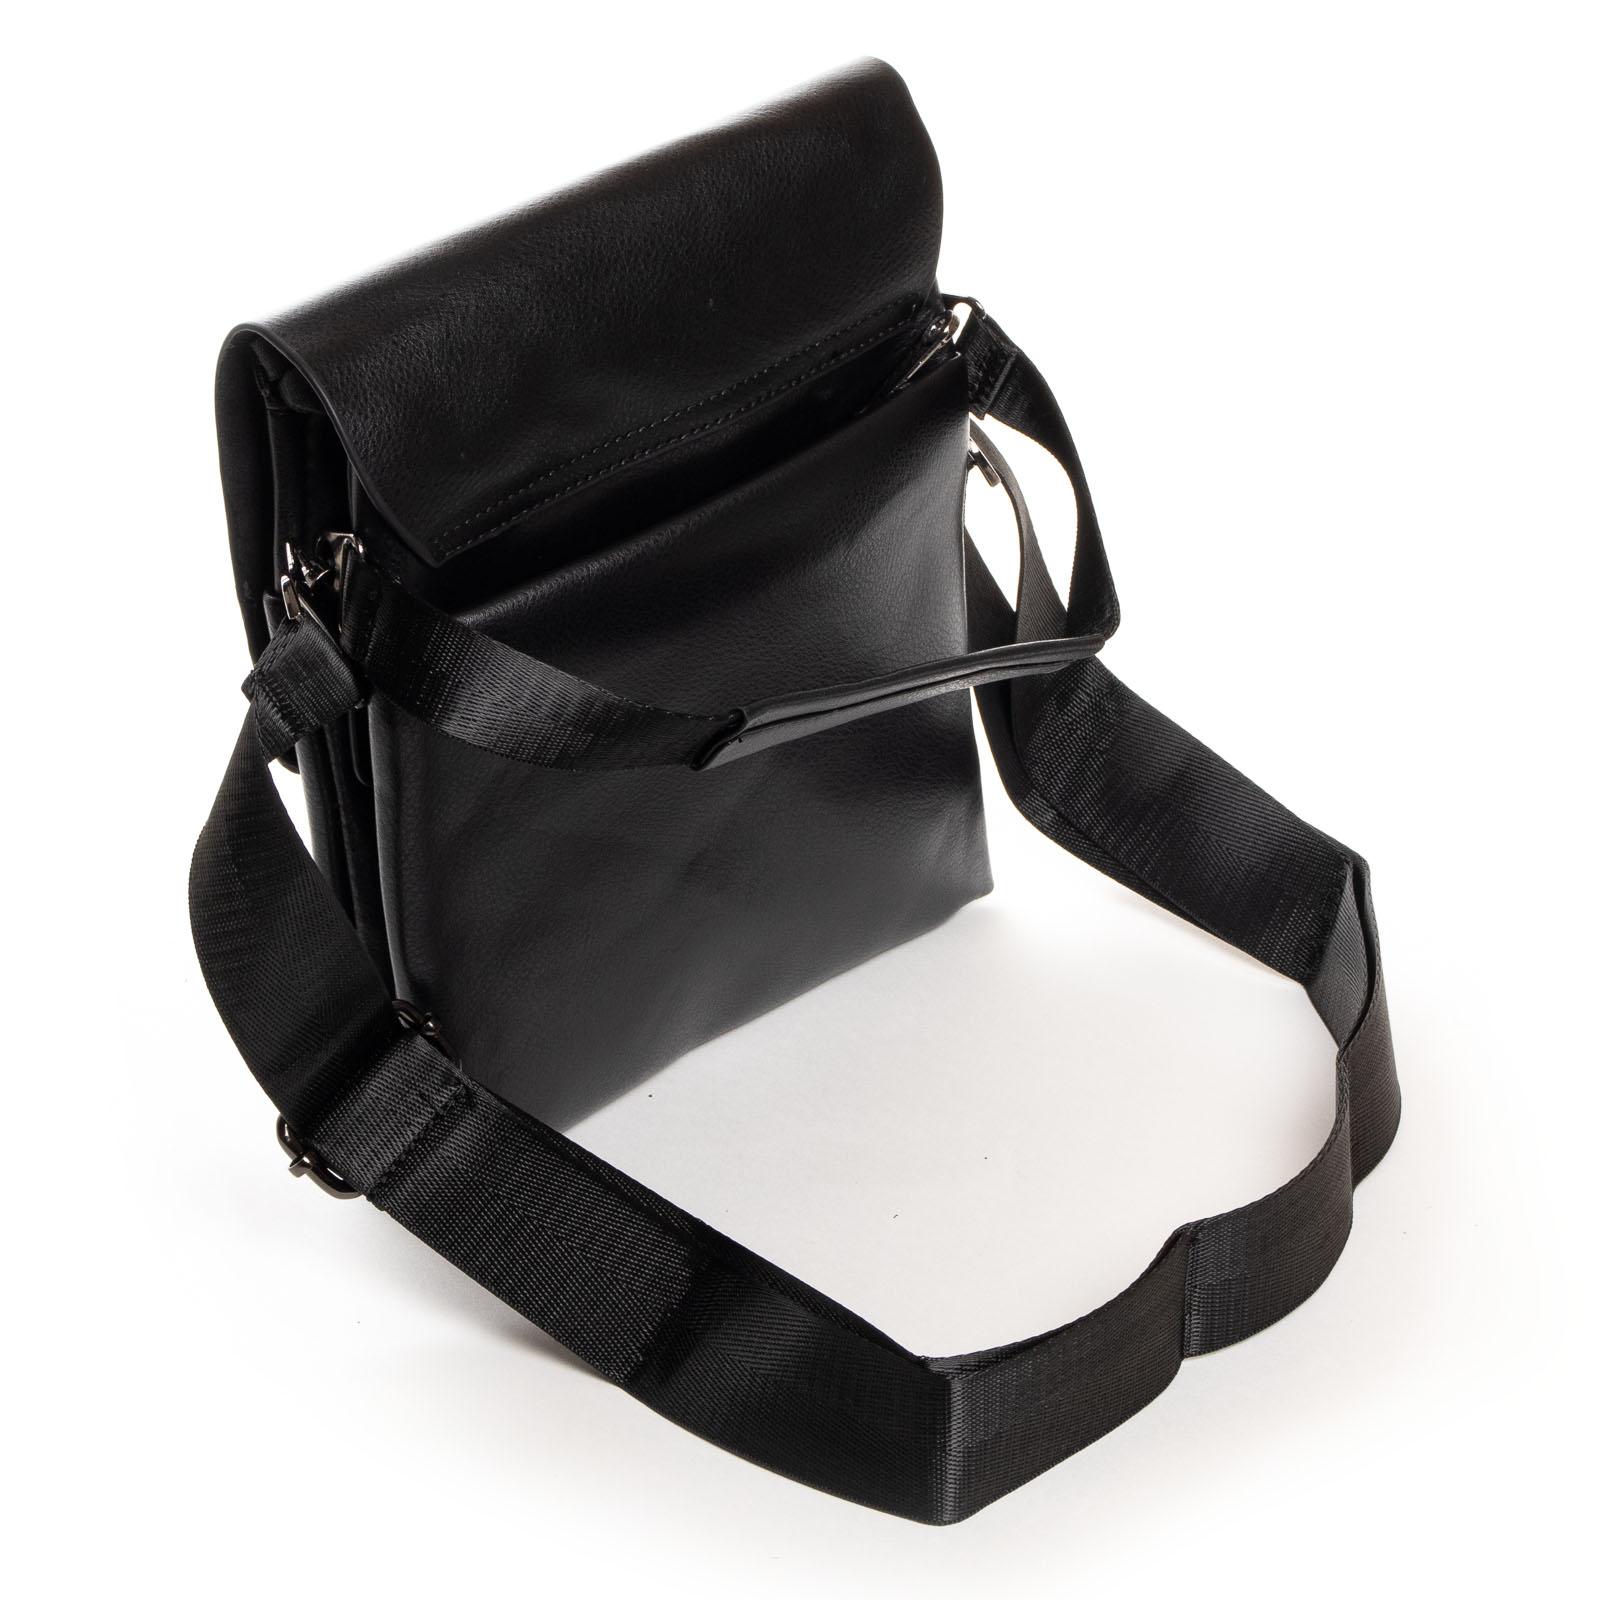 Сумка Мужская Планшет иск-кожа DR. BOND GL 205-2 black - фото 4